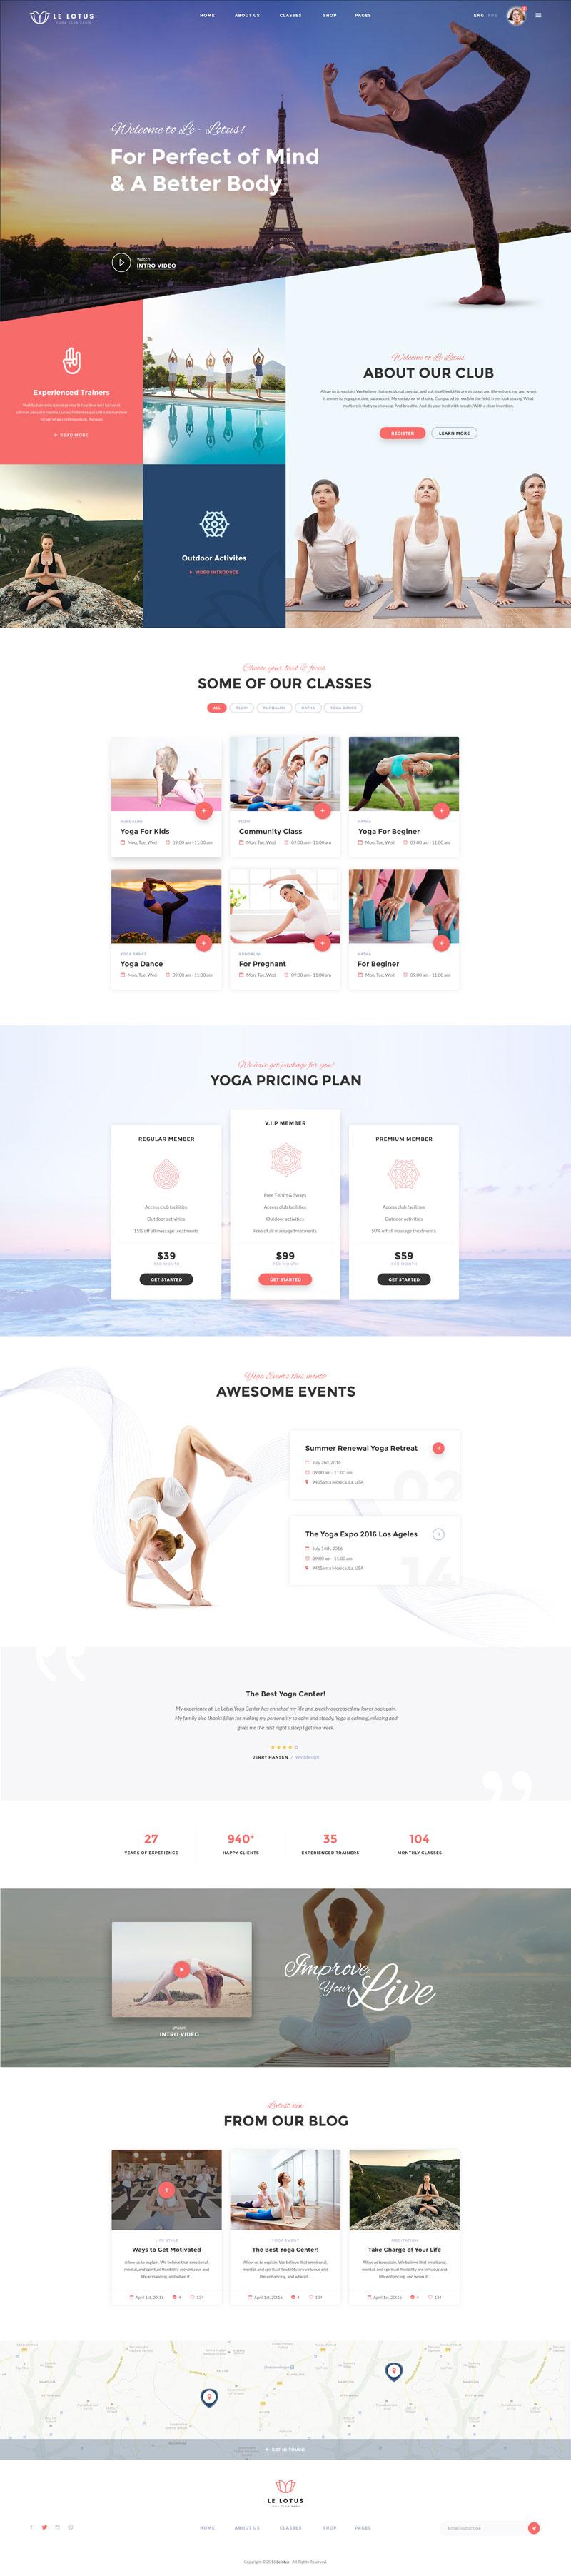 生活瑜伽馆门户网站模板,PSD源文件